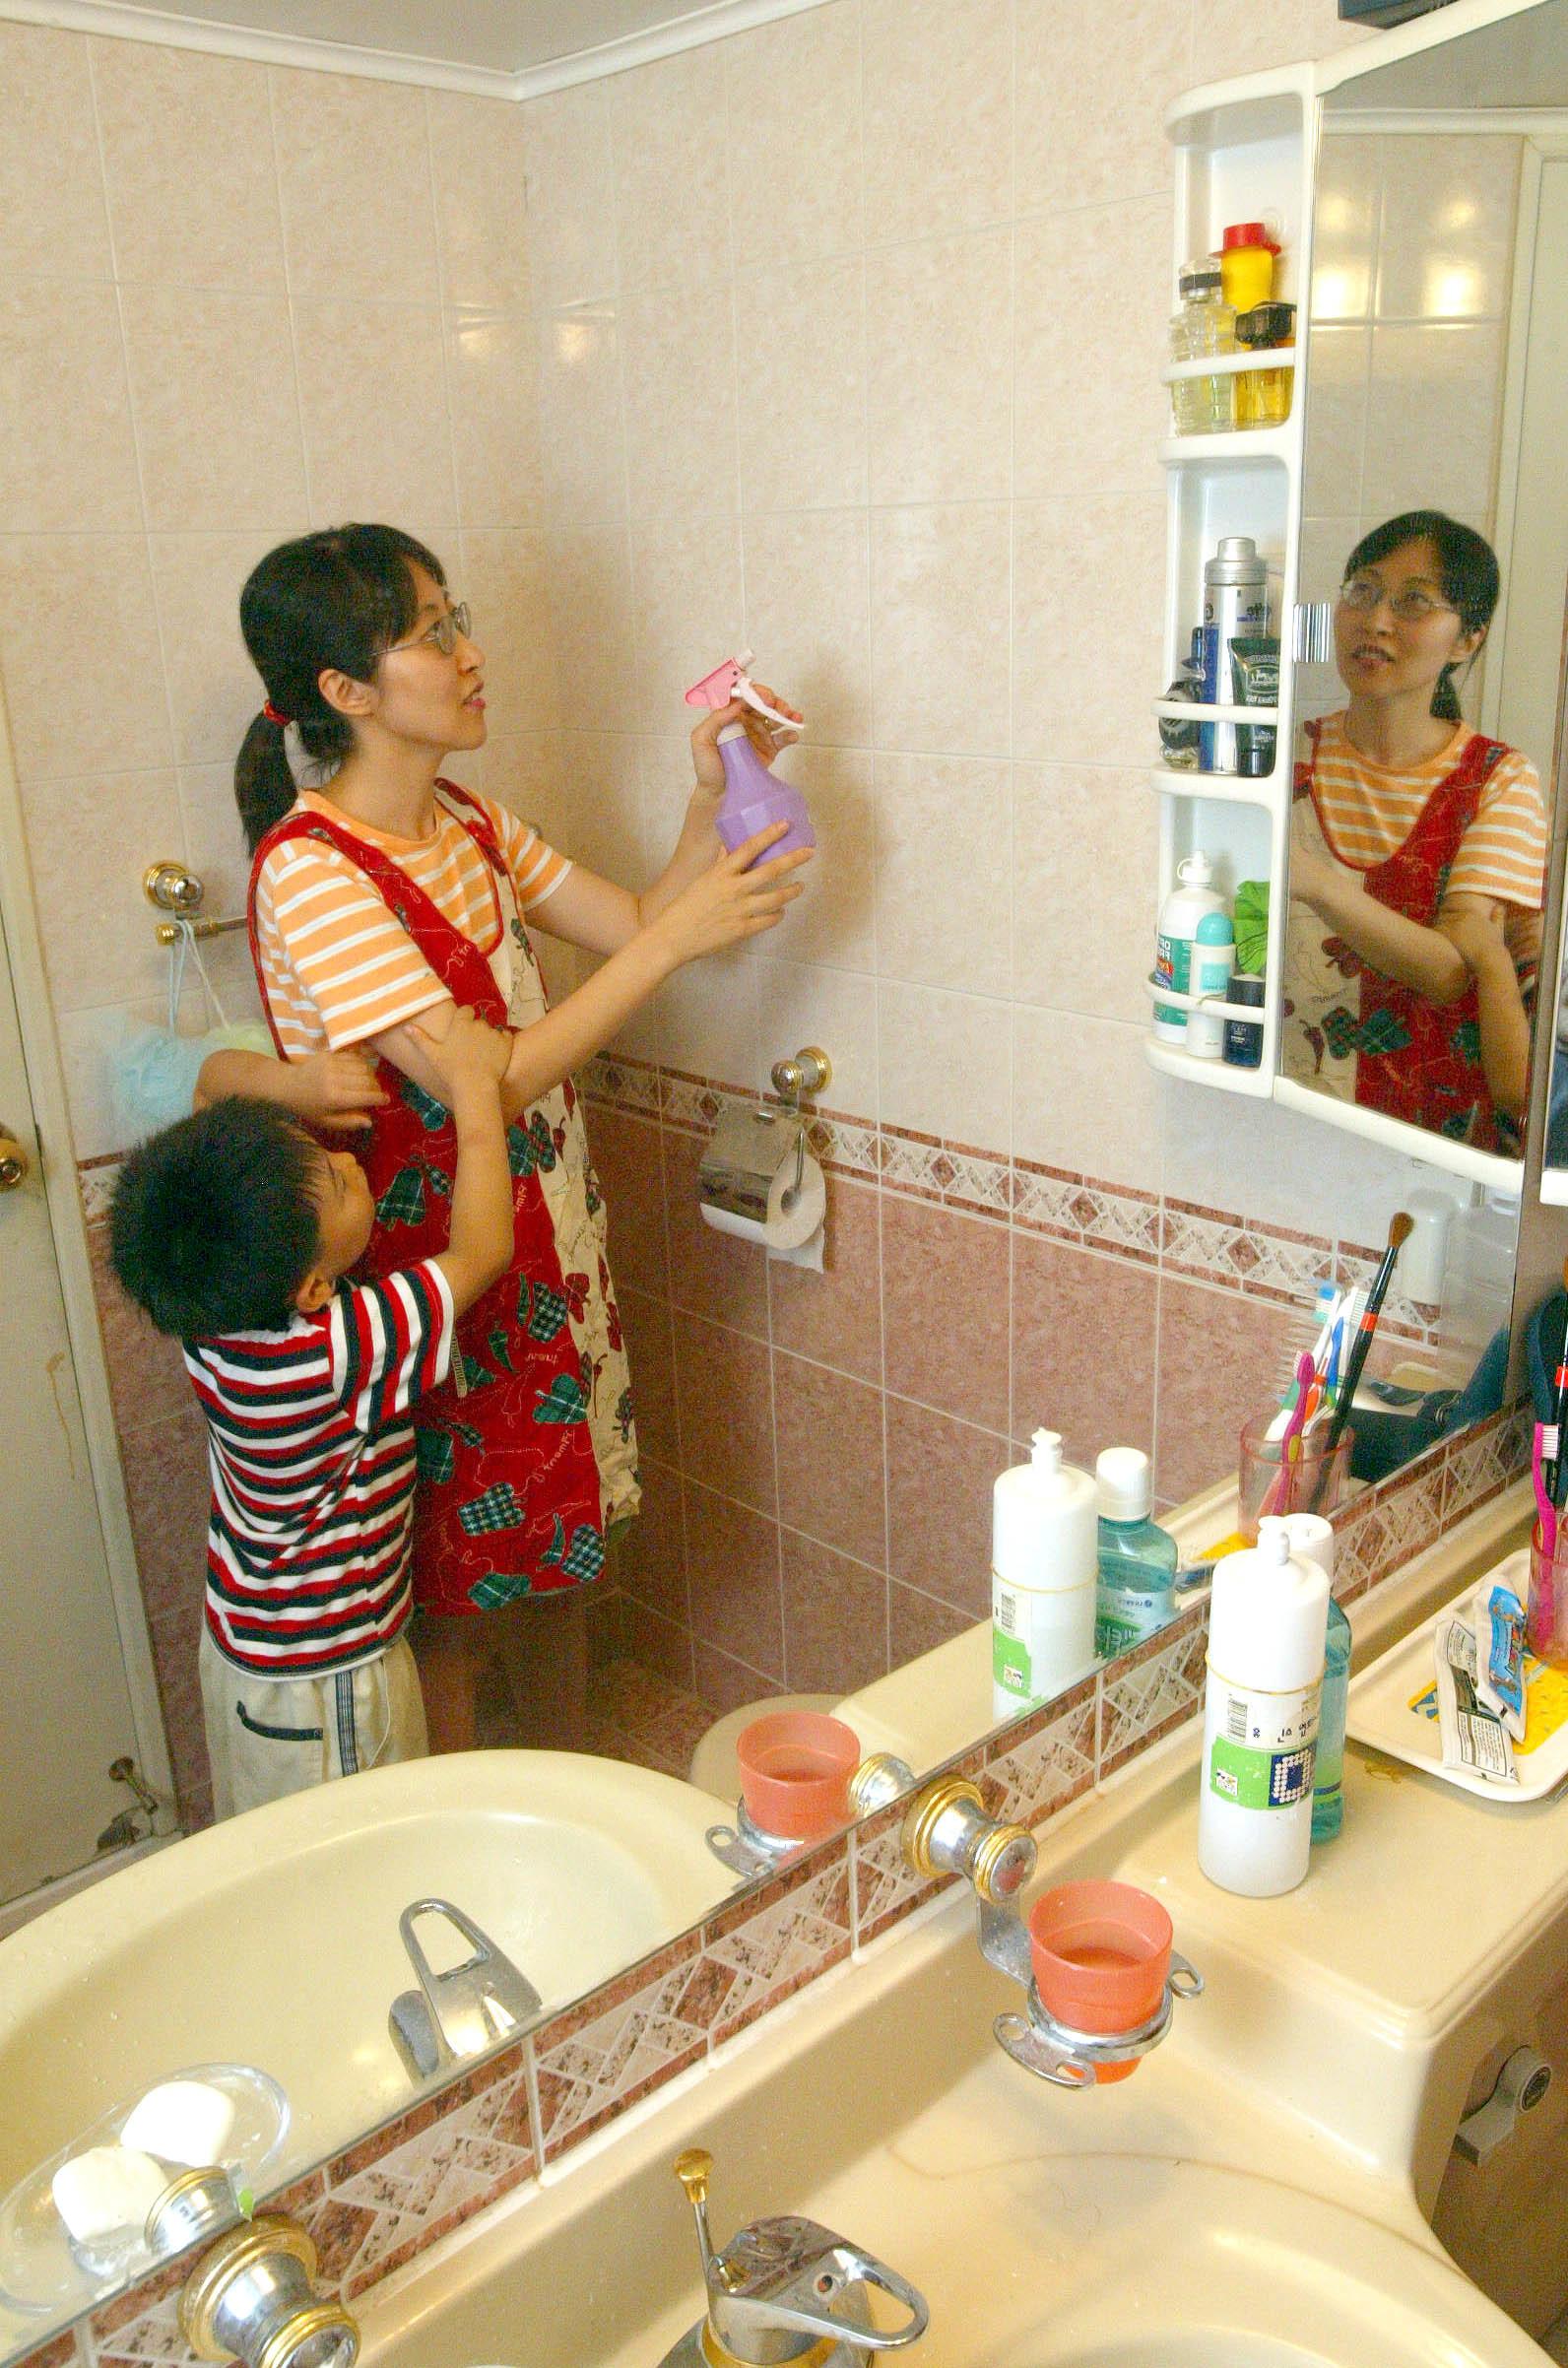 장마철 곰팡이가 자라지 않도록 물과 알코올을 혼합해 욕실 벽에 뿌리고 있다. [중앙포토]